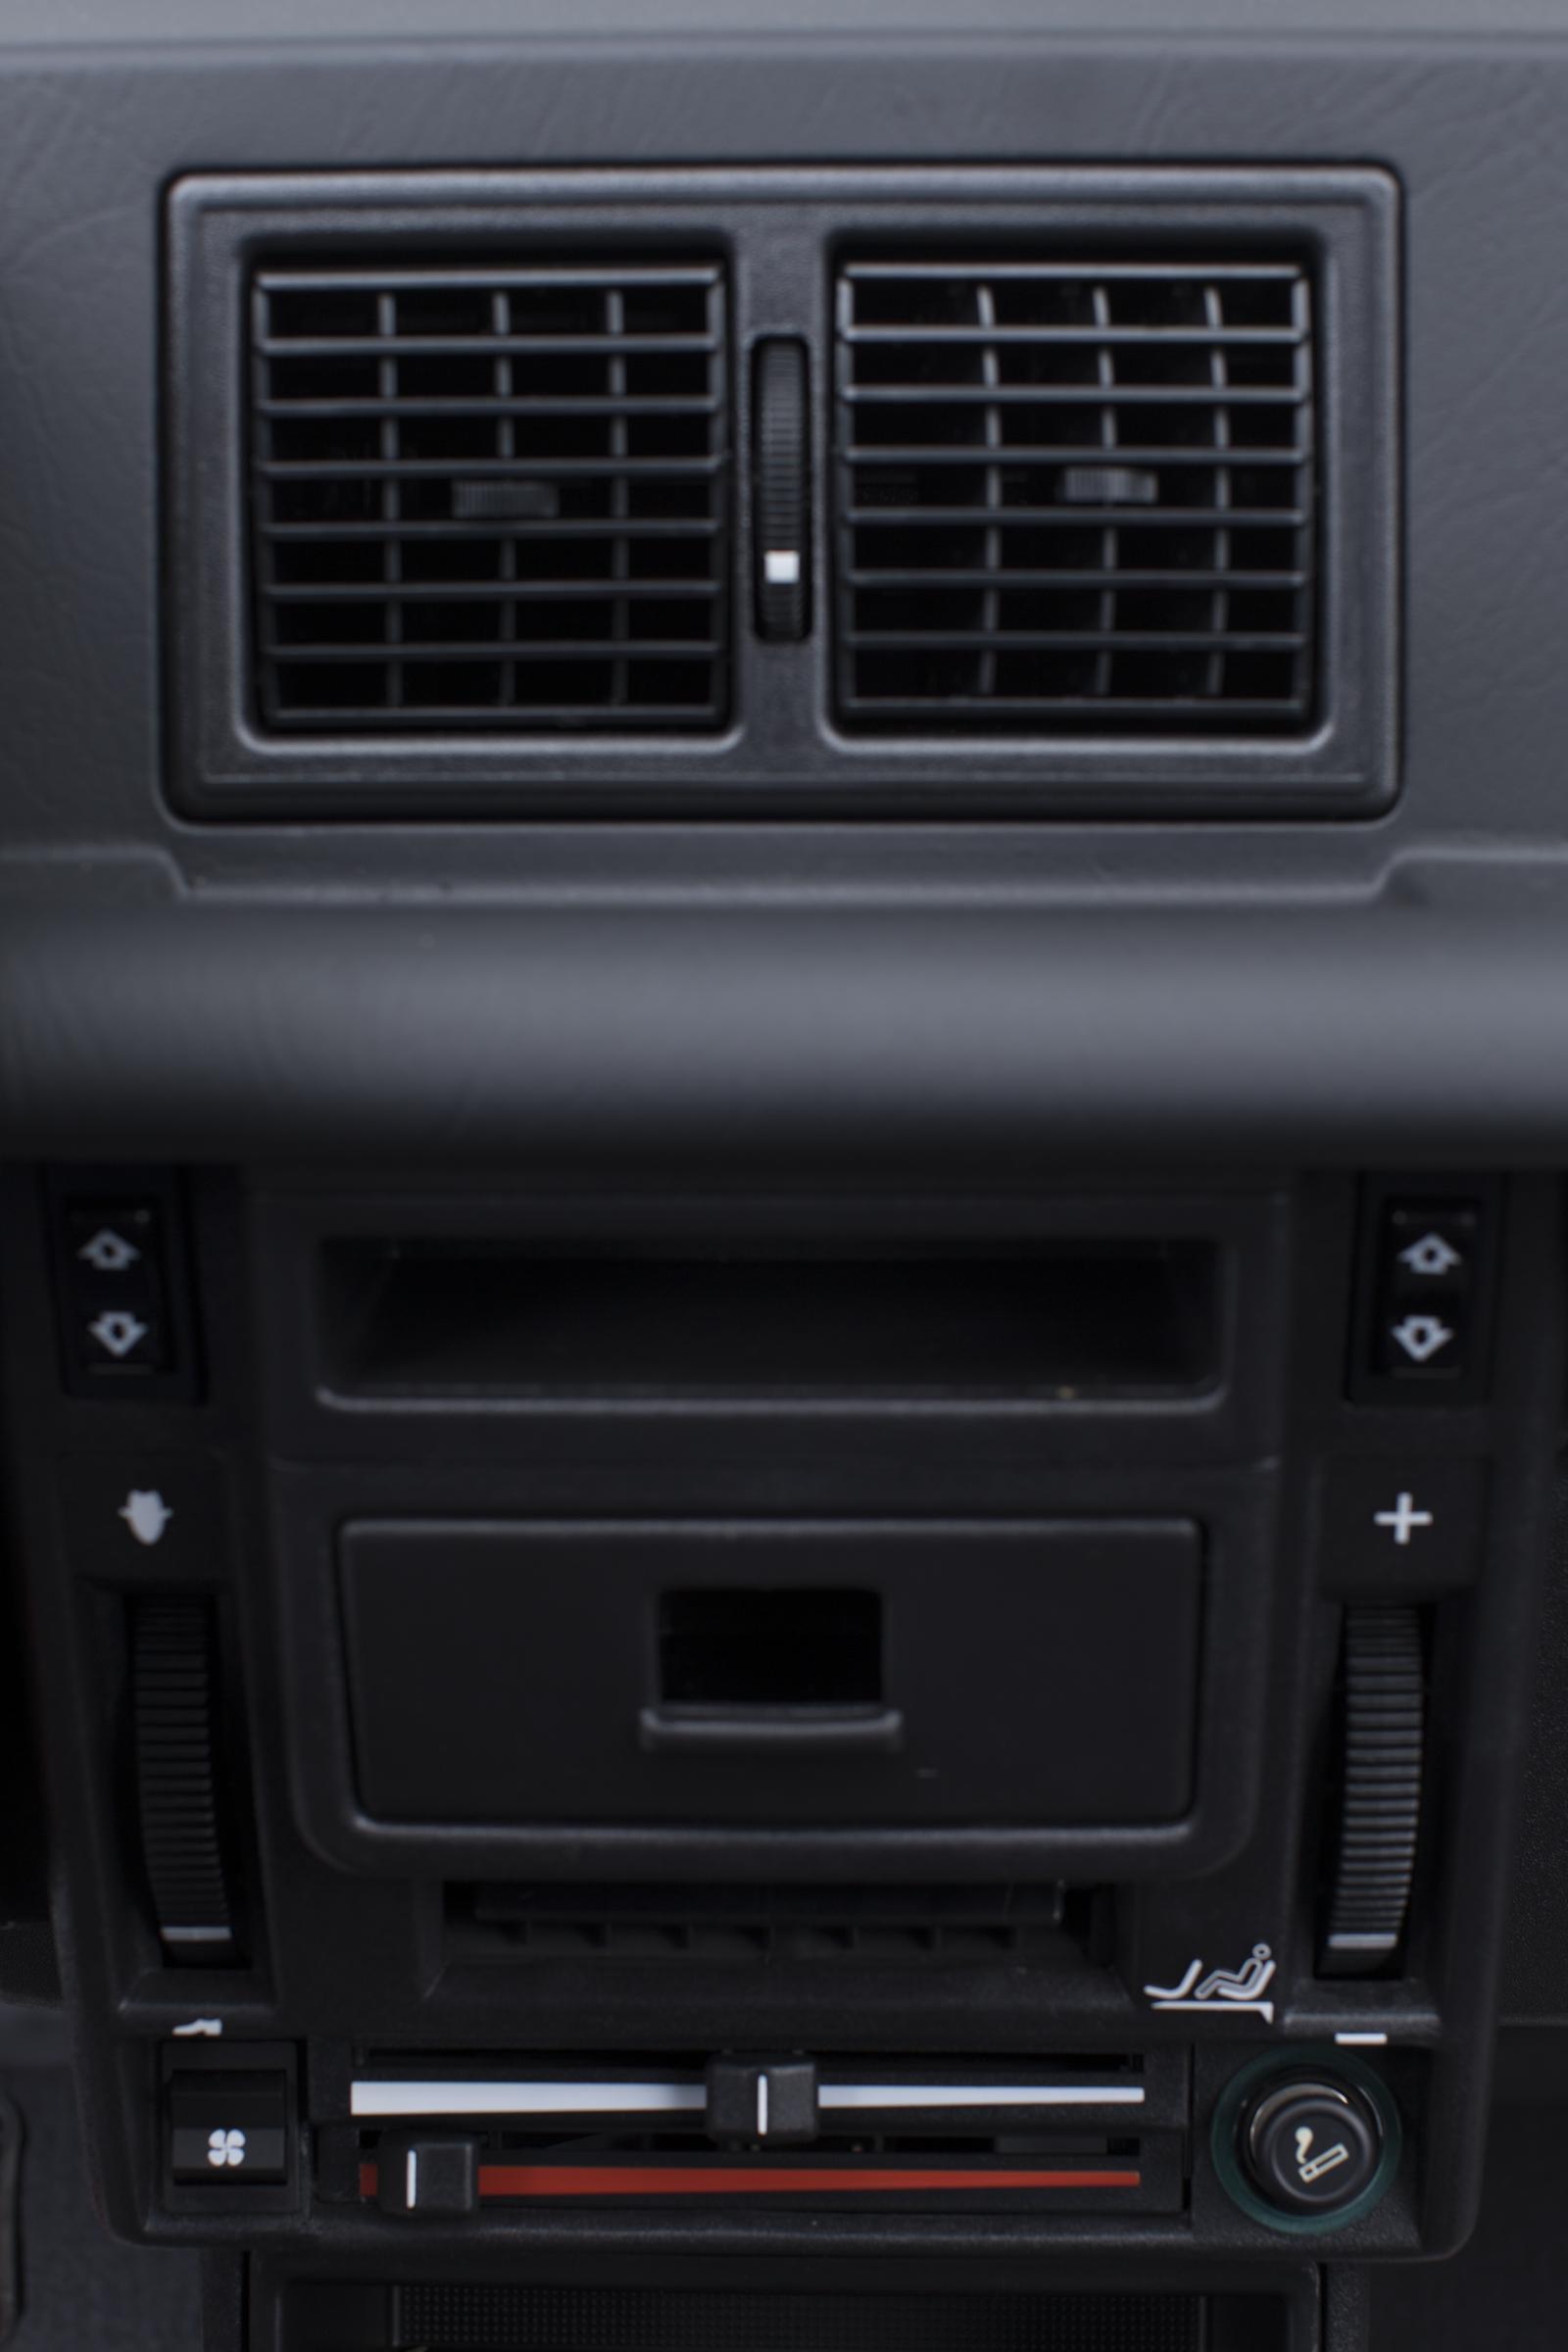 C15 ventilation